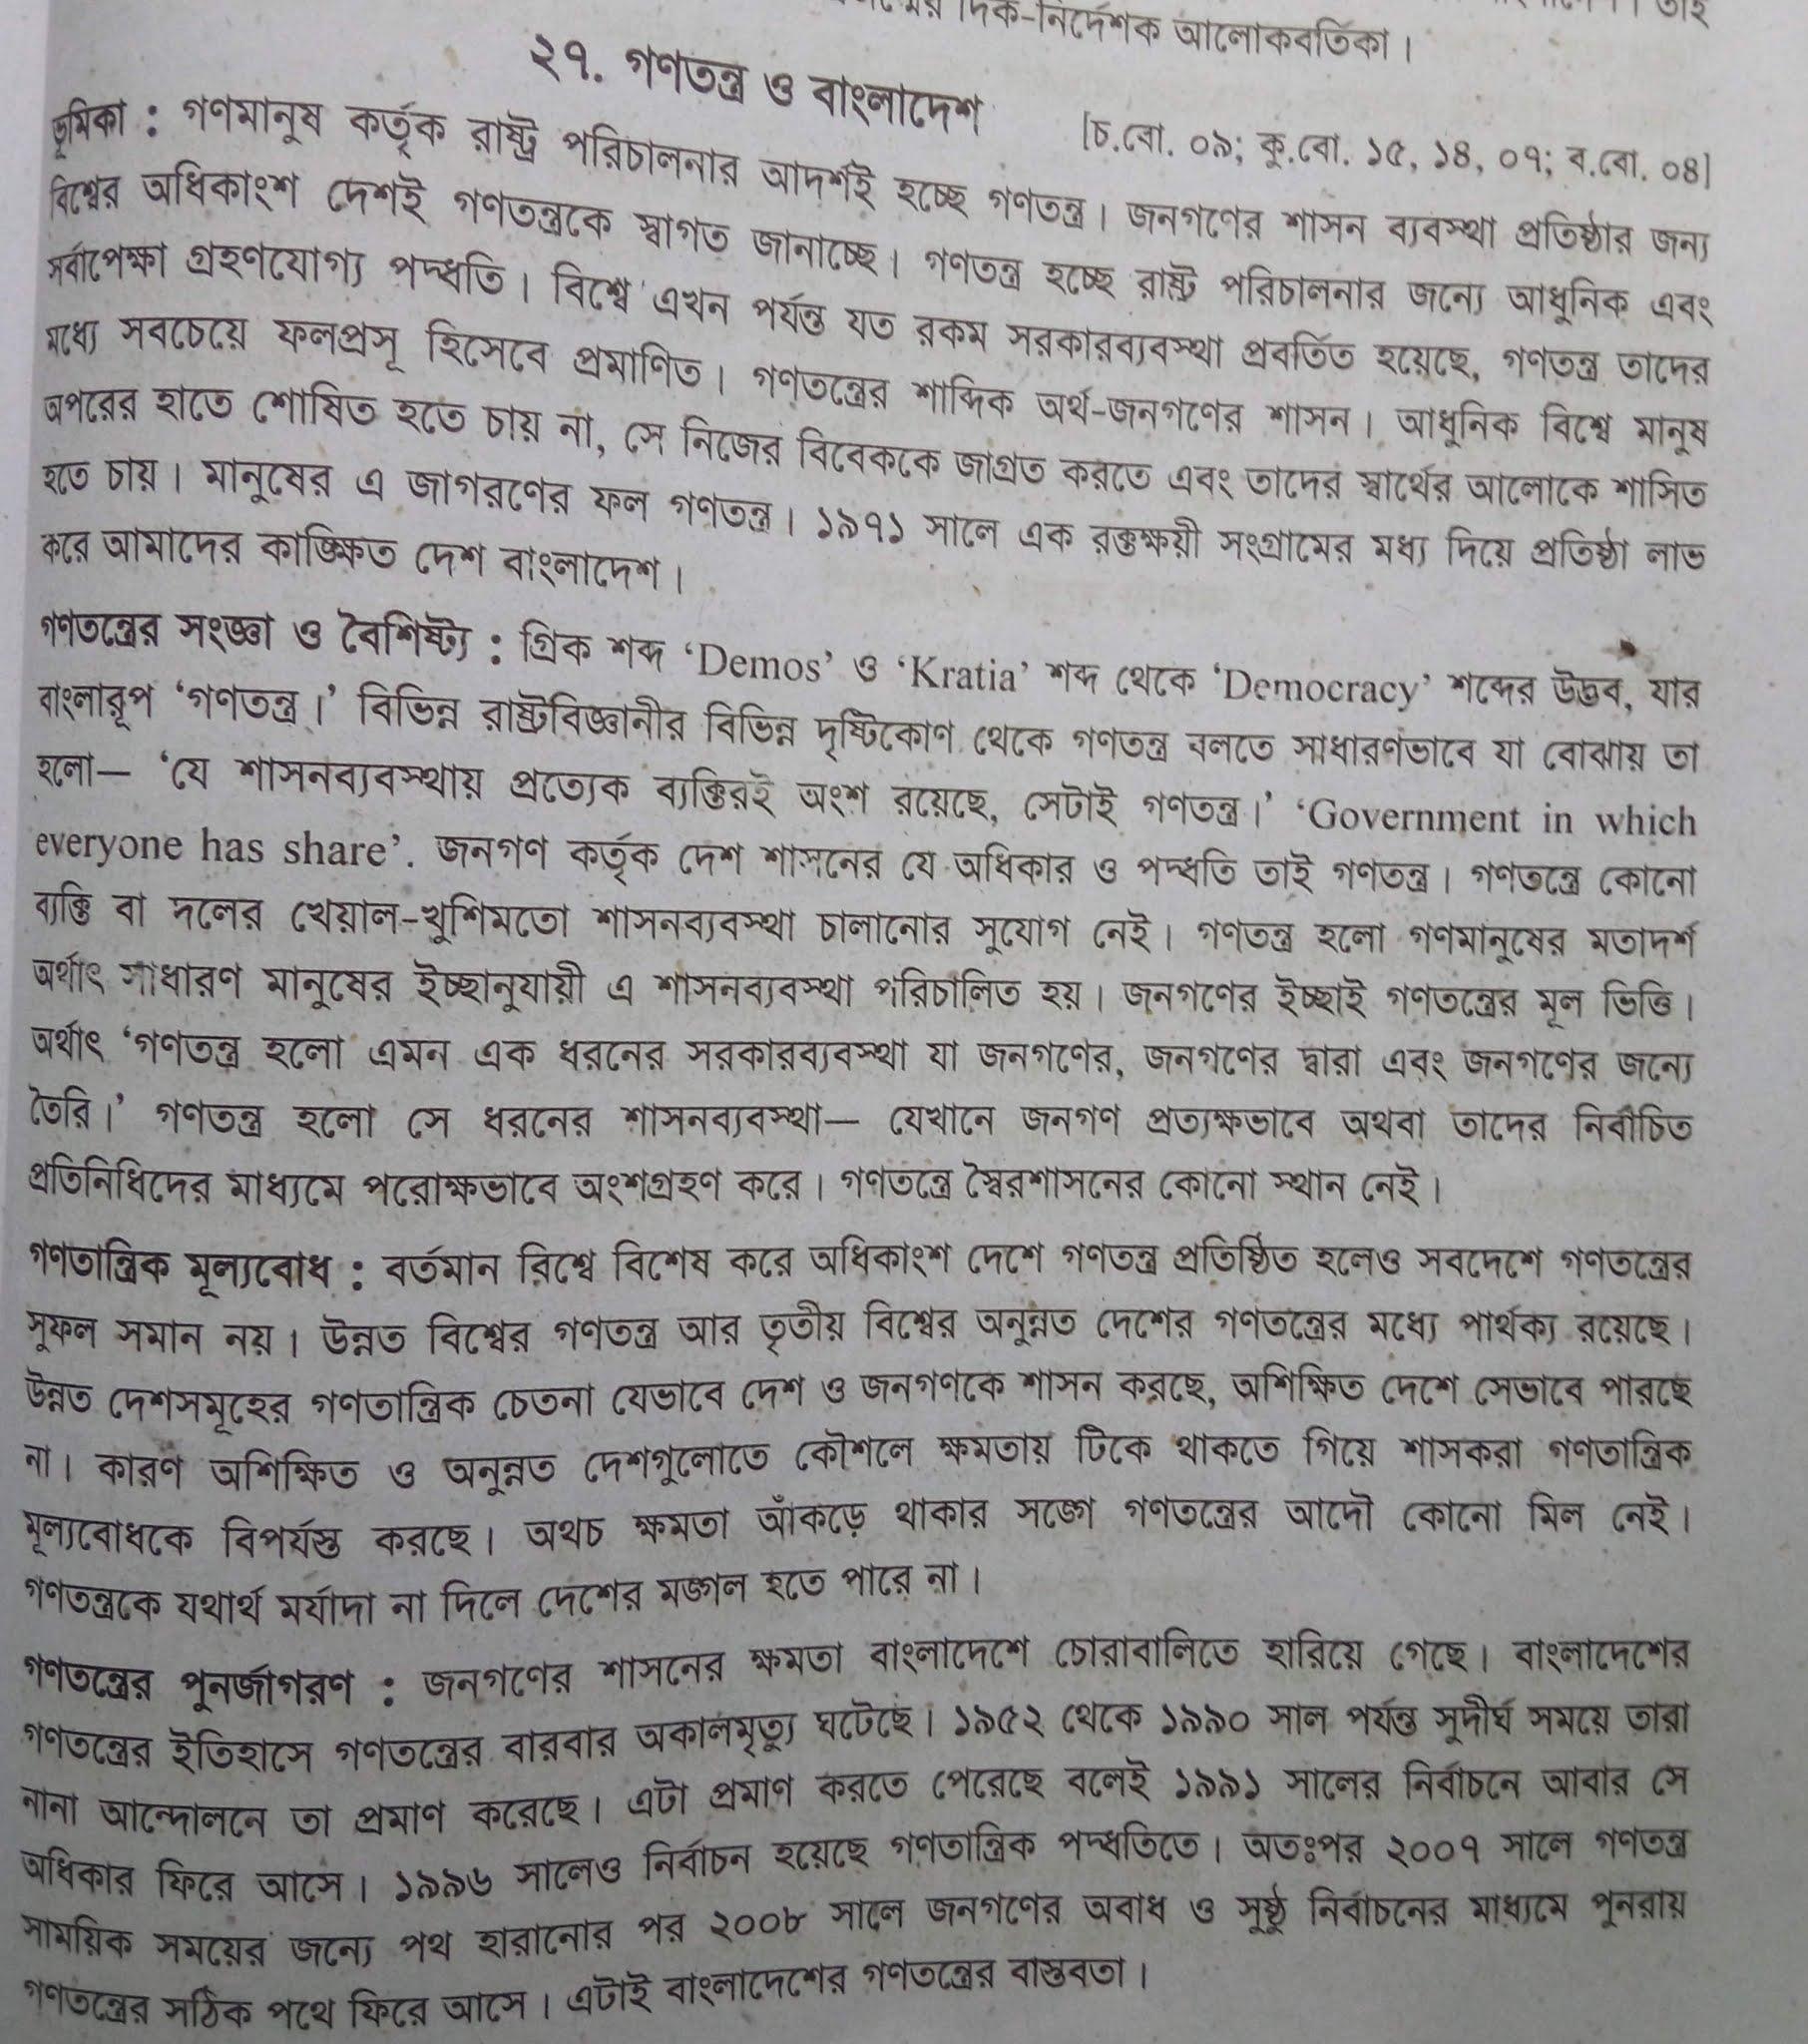 গণতন্ত্র ও বাংলাদেশ রচনা - গণতন্ত্র ও বাংলাদেশ,  Democracy O Bangladesh Rochona, গণতন্ত্র ও বাংলাদেশ অনুচ্ছেদ রচনা, গণতন্ত্র ও বাংলাদেশ গুরুত্ব, রচনা - গণতন্ত্র ও বাংলাদেশ